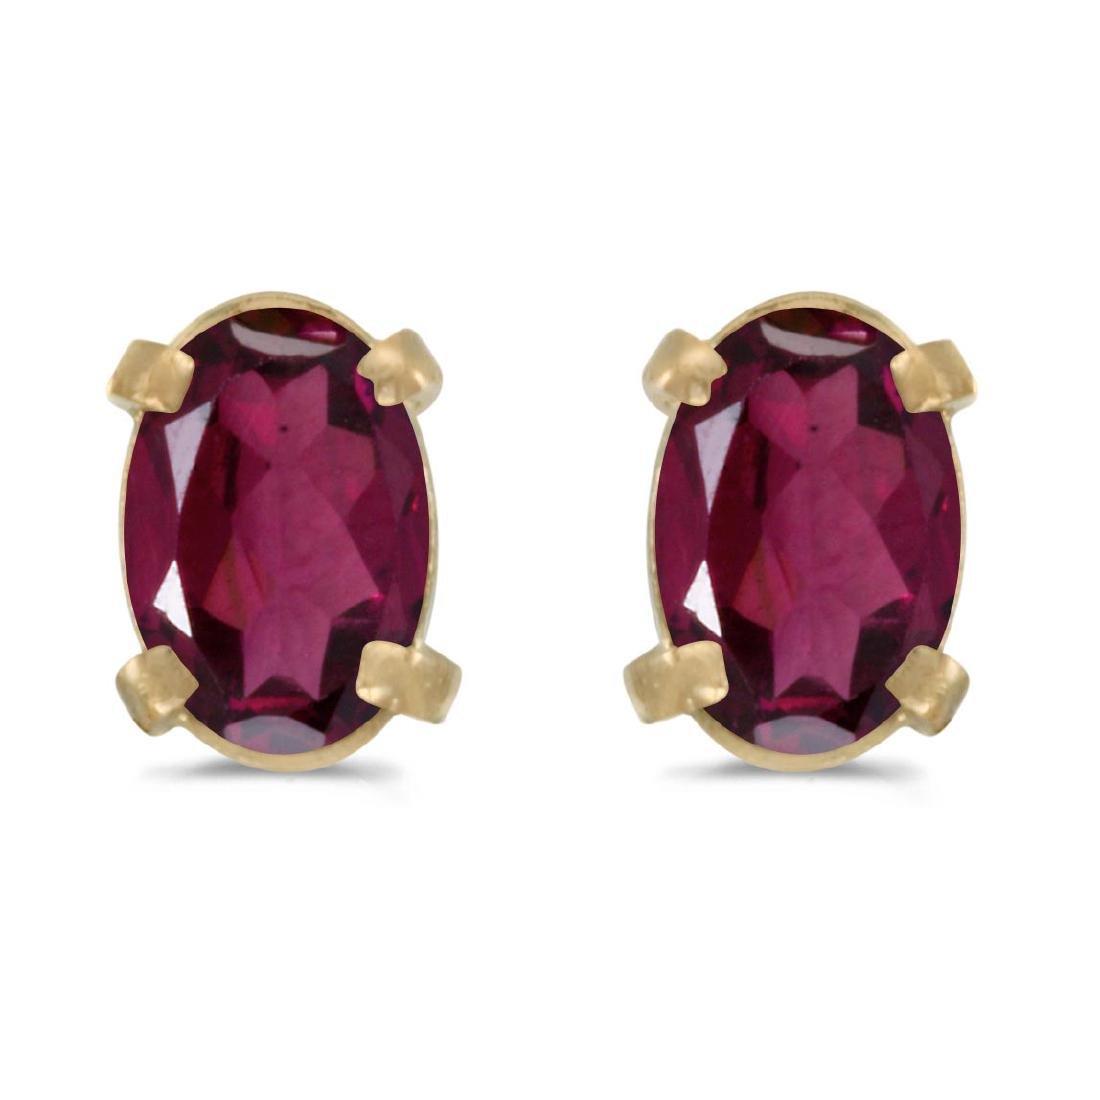 Certified 14k Yellow Gold Oval Rhodolite Garnet Earring